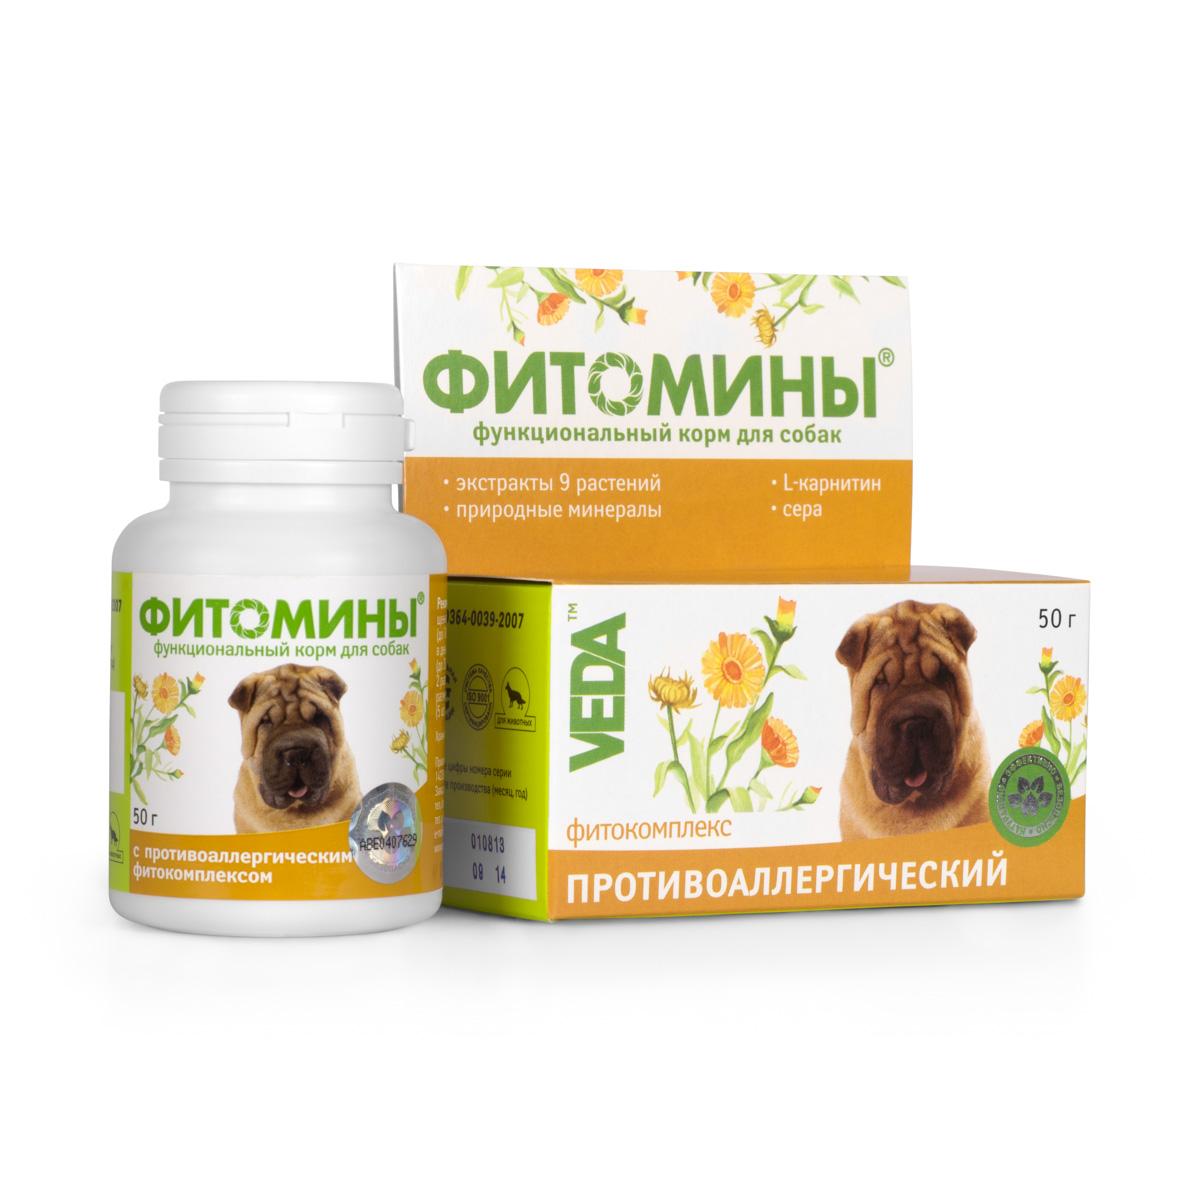 Корм для собак VEDA Фитомины, функциональный, с противоаллергическим фитокомплексом, 50 г4605543006913Функциональный корм для собак VEDA Фитомины с противоаллергическим фитокомплексом снижает выраженность аллергических реакций на пищу, бытовую химию и лекарственные раздражители. Рекомендуется включать в рацион: - при проявлении кожных аллергических реакций: зуд, покраснение, сыпь, экзема, - при рвоте и диарее вследствие аллергии, - для снижения предрасположенности к аллергическим заболеваниям.Состав: лактоза; крахмал; дрожжи пивные; фитокомплекс: травы сушеницы топяной, травы череды, травы тысячелистника, травы чистотела, почек березовых, листьев березы, листьев подорожника большого, корней лопуха, корней одуванчика, цветков ноготков; природный минеральный комплекс; паровая мясная мука; стеарат кальция; L-карнитин; сера. В 100 г продукта содержится (не менее): углеводы - 87 г; жиры - 0,3 г; белки - 5,5 г; кальций - 600 мг; фосфор - 360 мг; железо - 15,0 мг; цинк - 4 мг; марганец - 0,1 мг; медь - 0,3 мг; L-карнитин - 0,5 г; сера - 0,1 г.Энергетическая ценность в 100 г: 380 ккал.Товар сертифицирован.Чем кормить пожилых собак: советы ветеринара. Статья OZON Гид